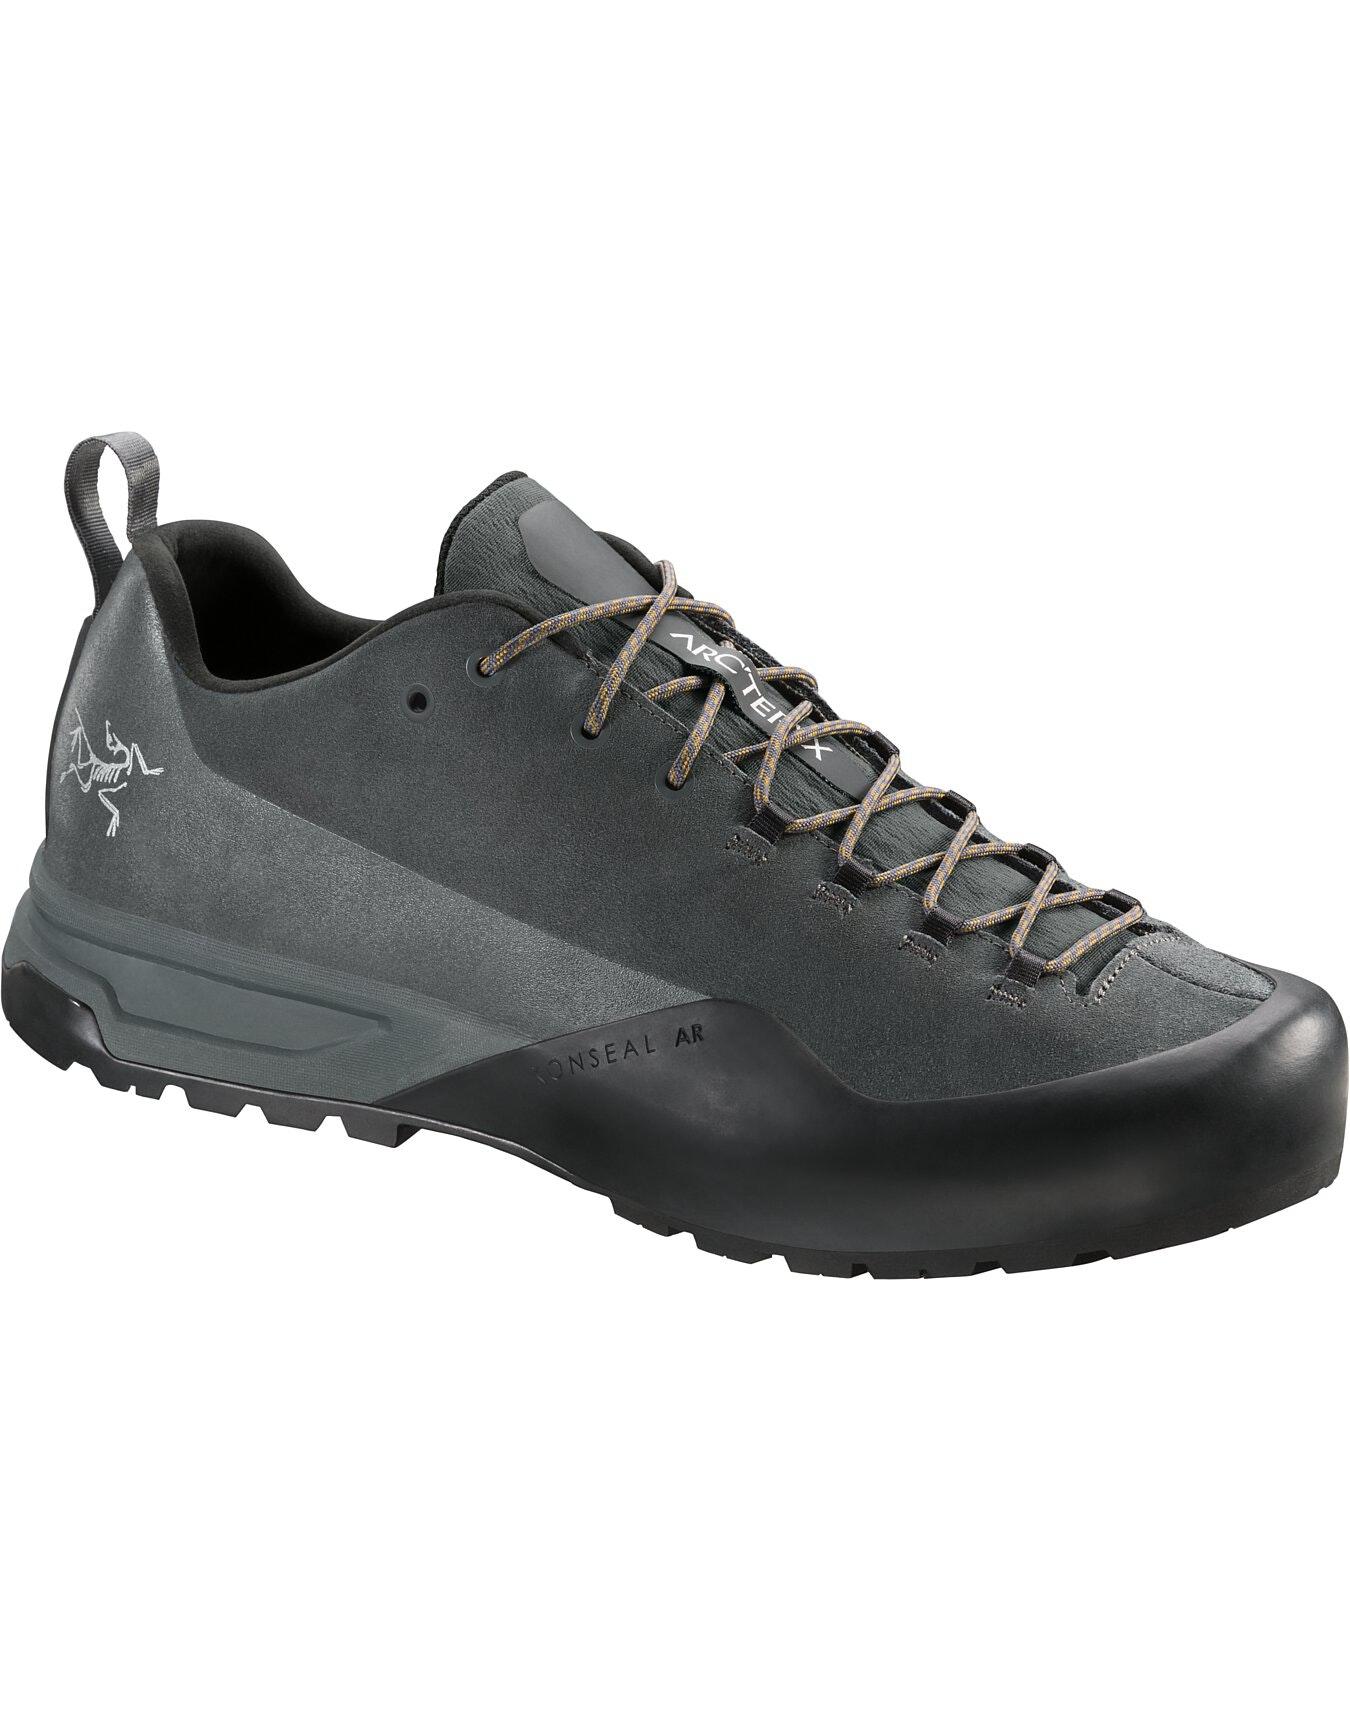 Konseal AR Shoe CINDER/Yukon